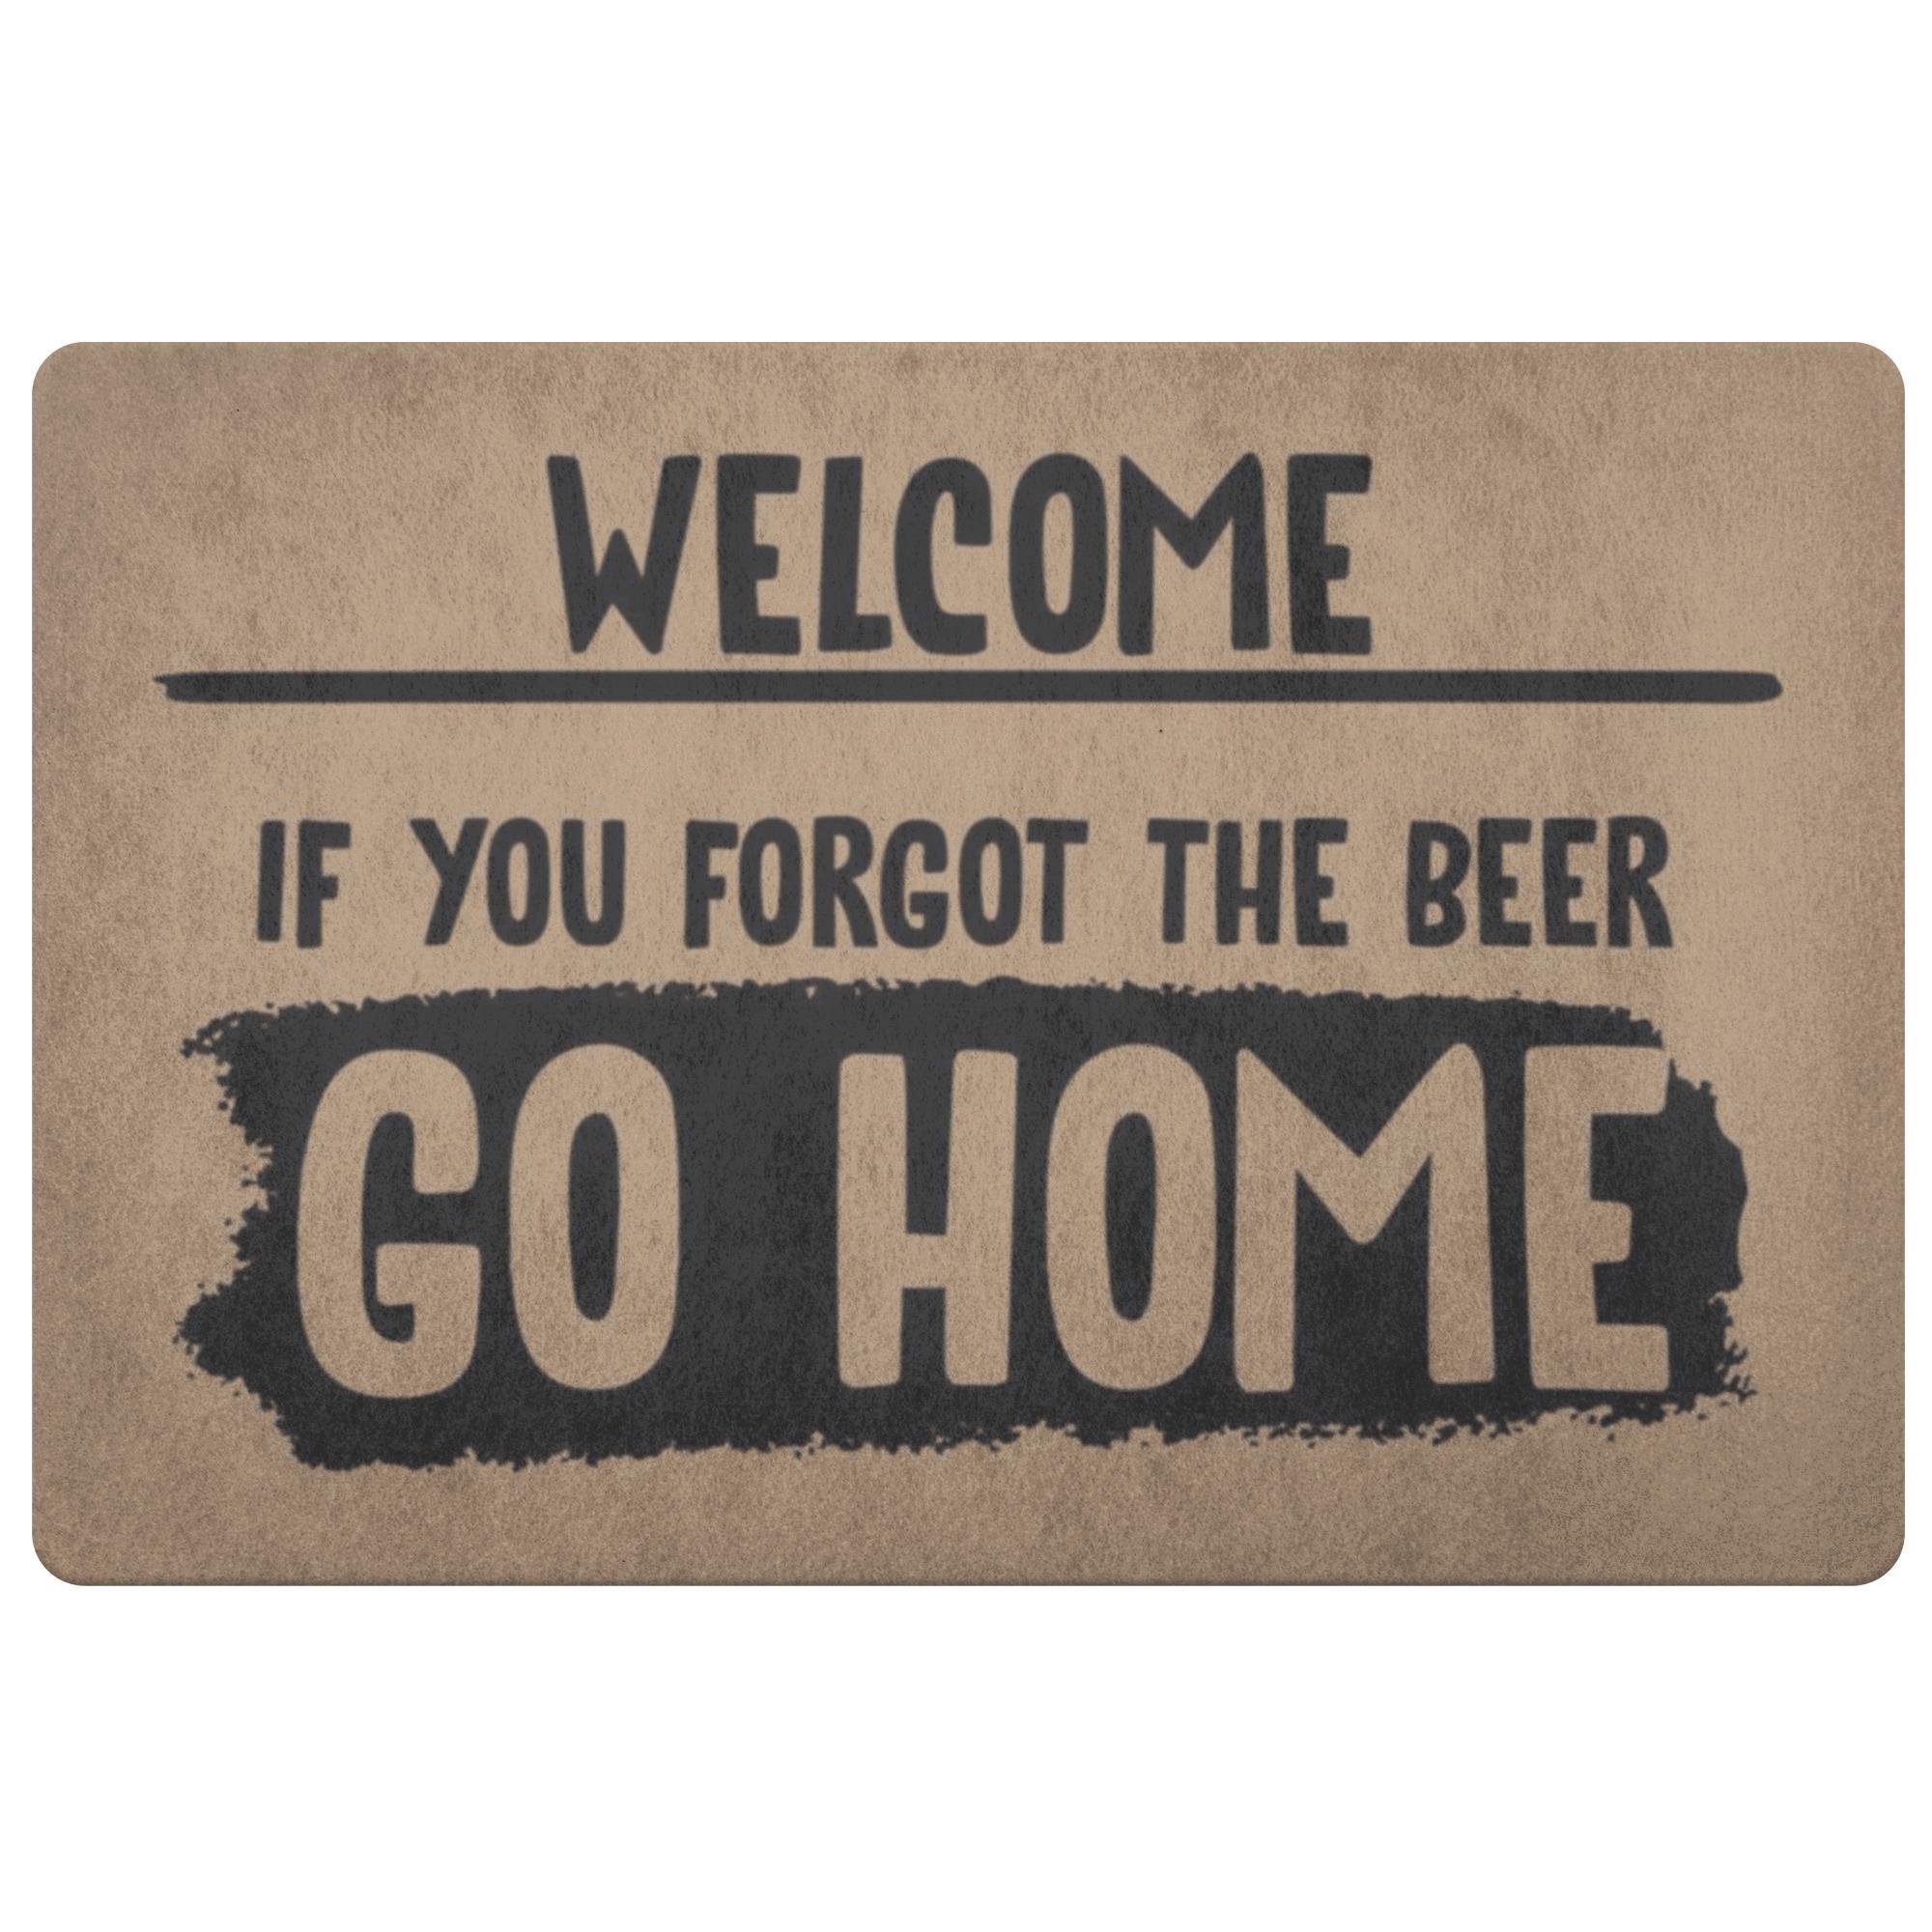 If you forgot beer go home doormats